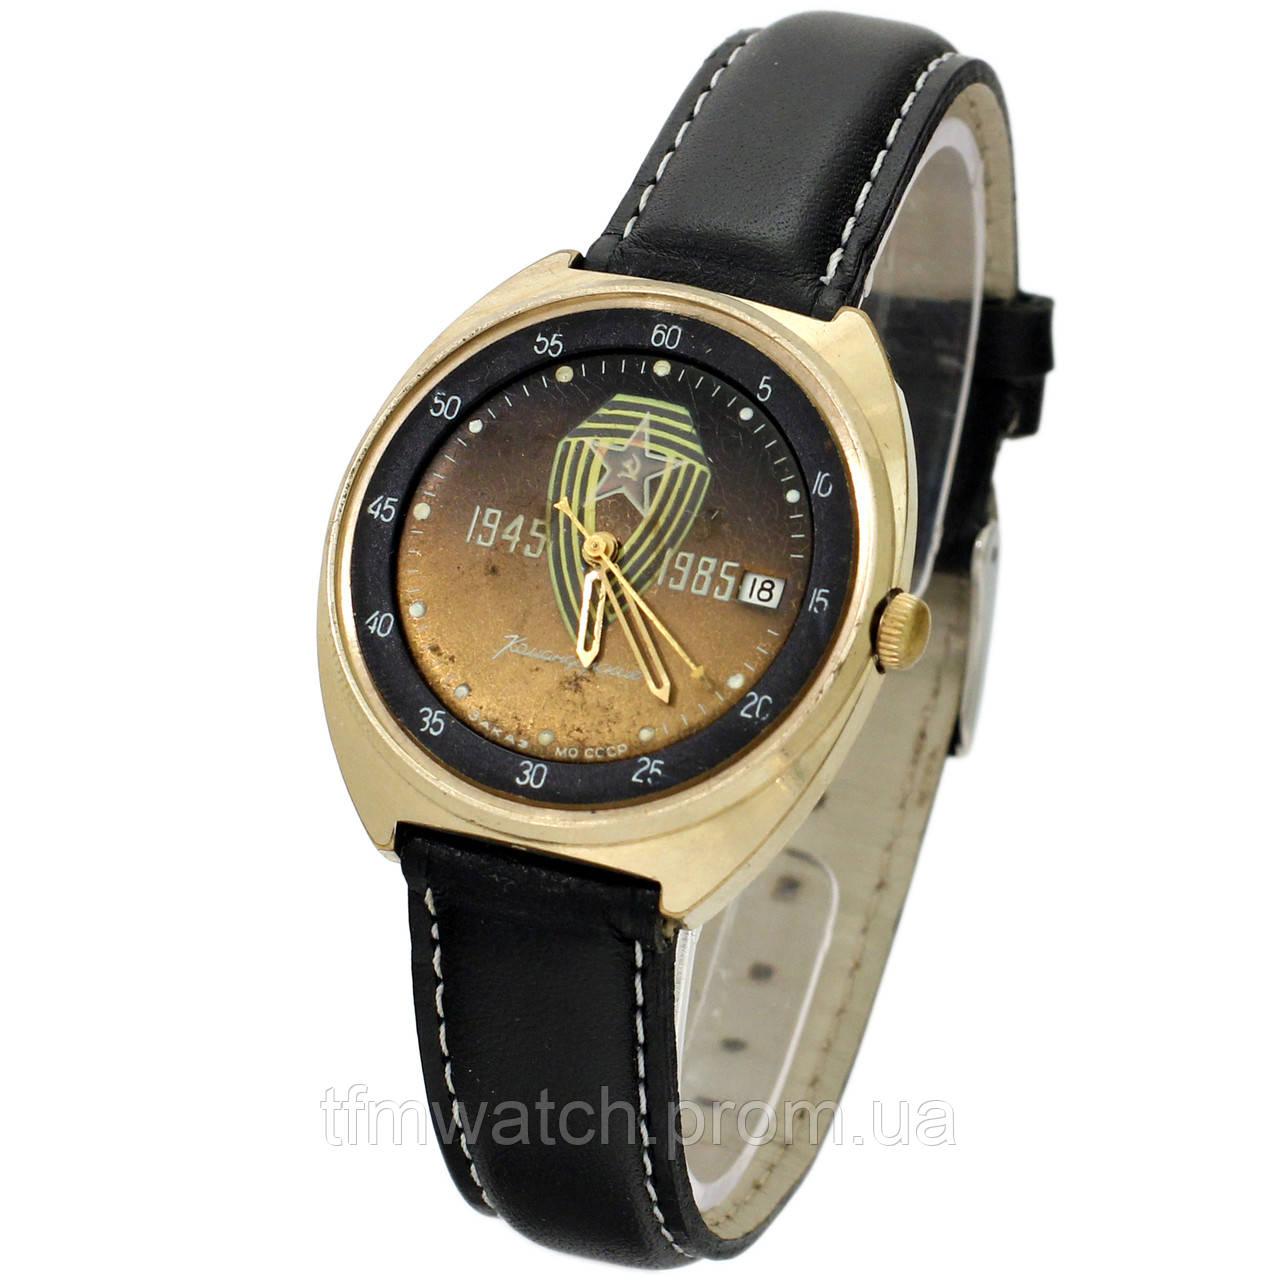 bc9969dc Позолоченные Командирские часы Чистополь 40 лет Победы заказ МО СССР - Магазин  старинных, винтажных и